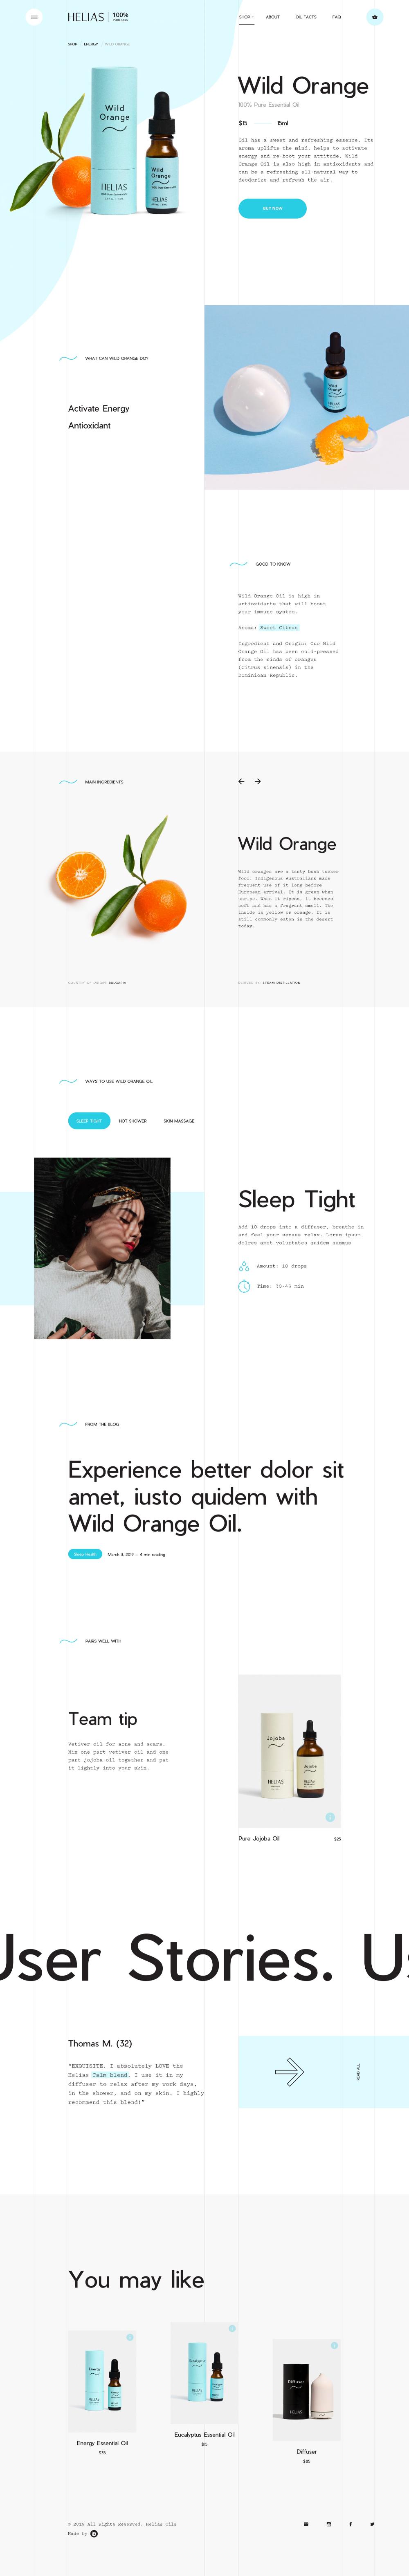 Helias Oils Juraj Molnar Web Design User Experience Digital Design Web Design